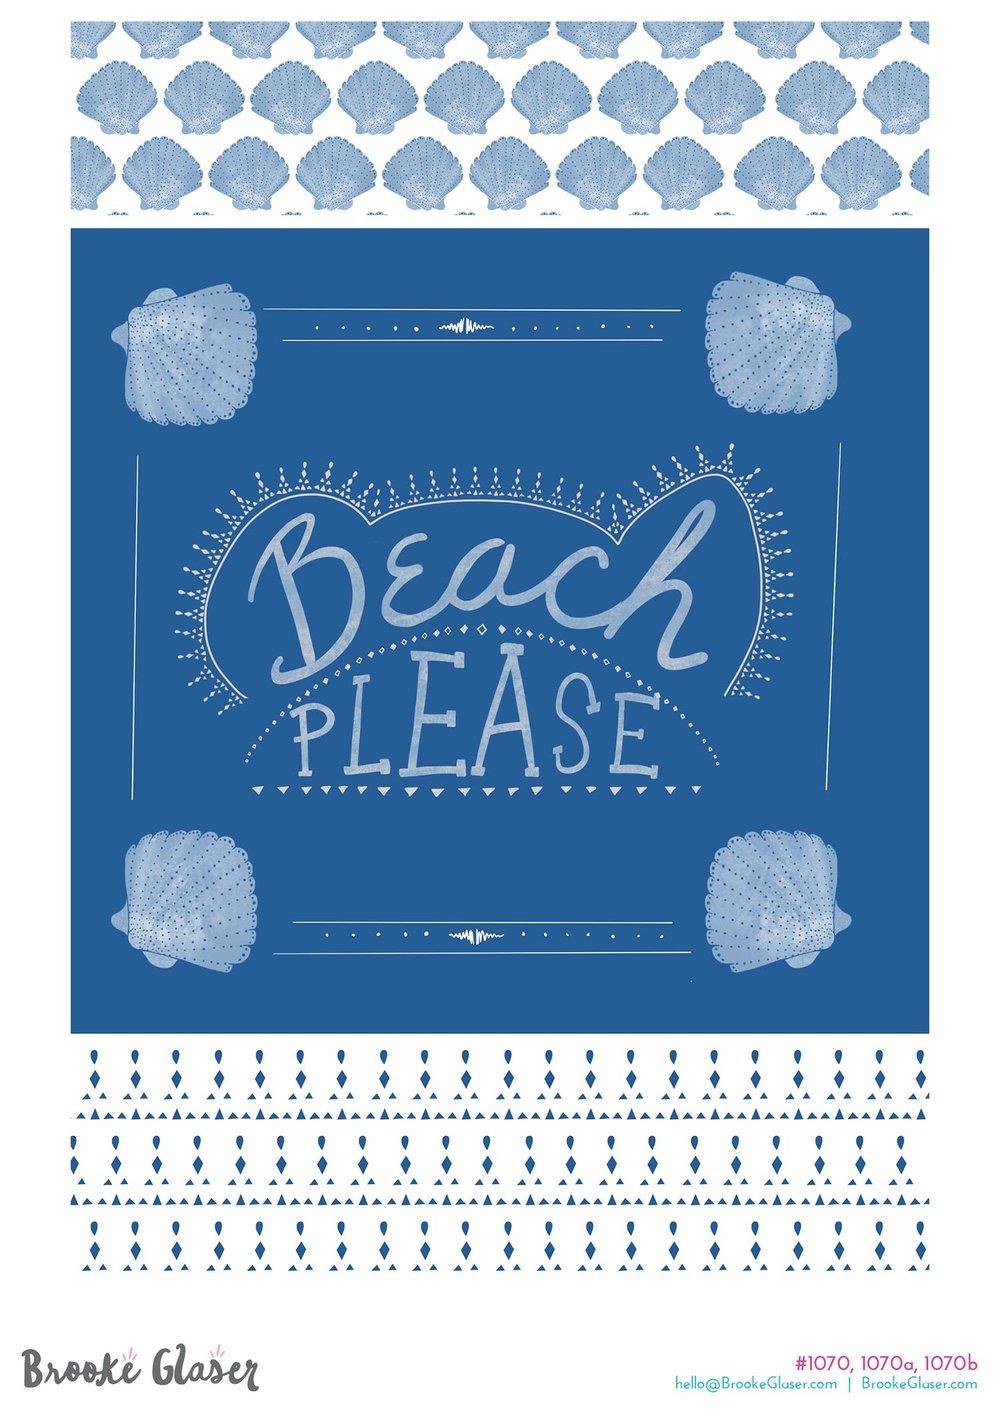 Brooke-Glaser-Prints24.jpg